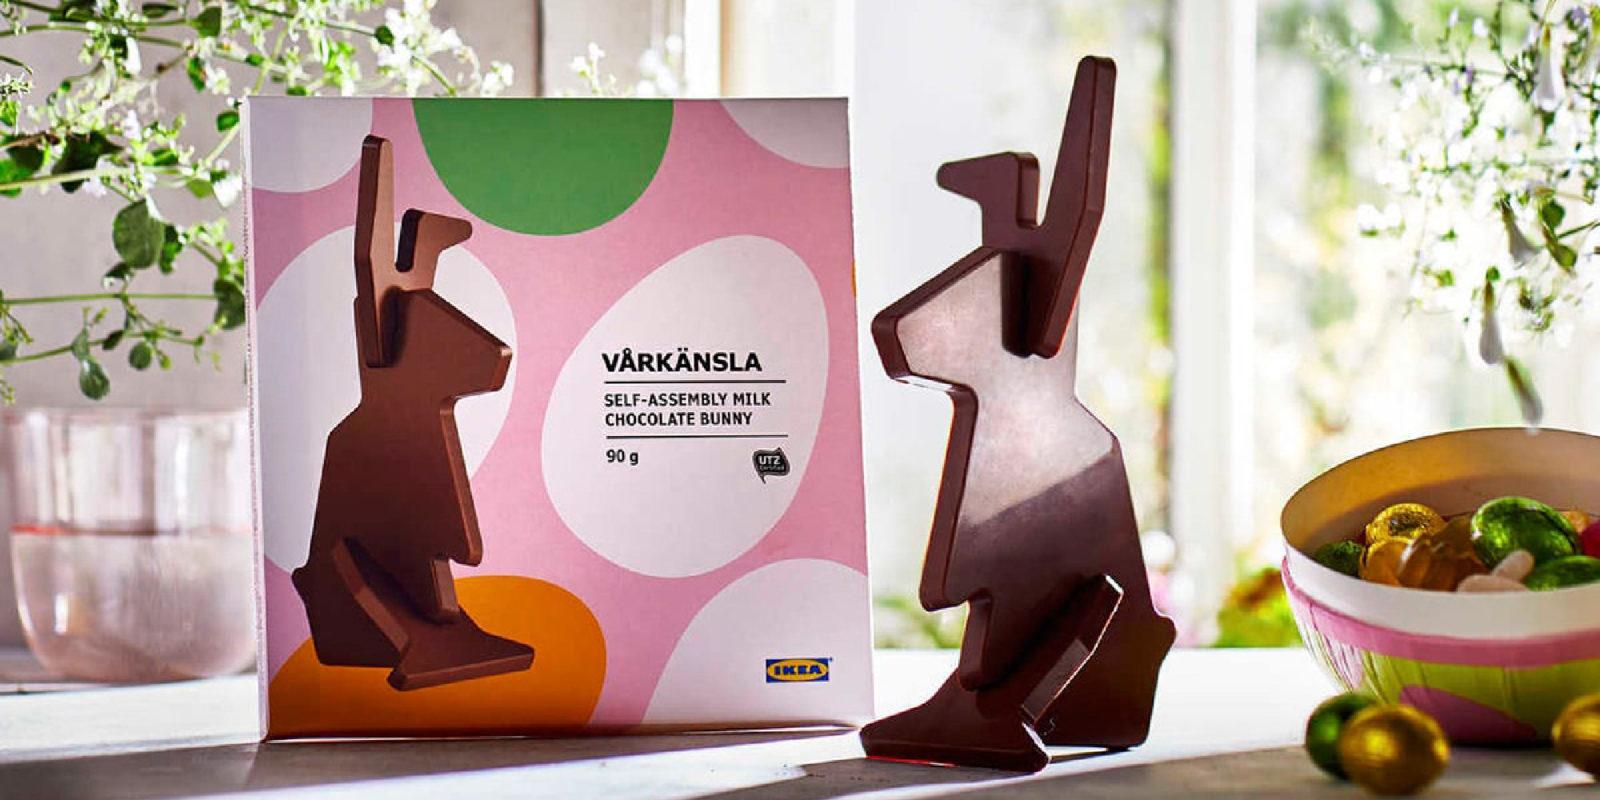 Et si pour Pâques, vous montiez vous-même votre lapin en chocolat ?